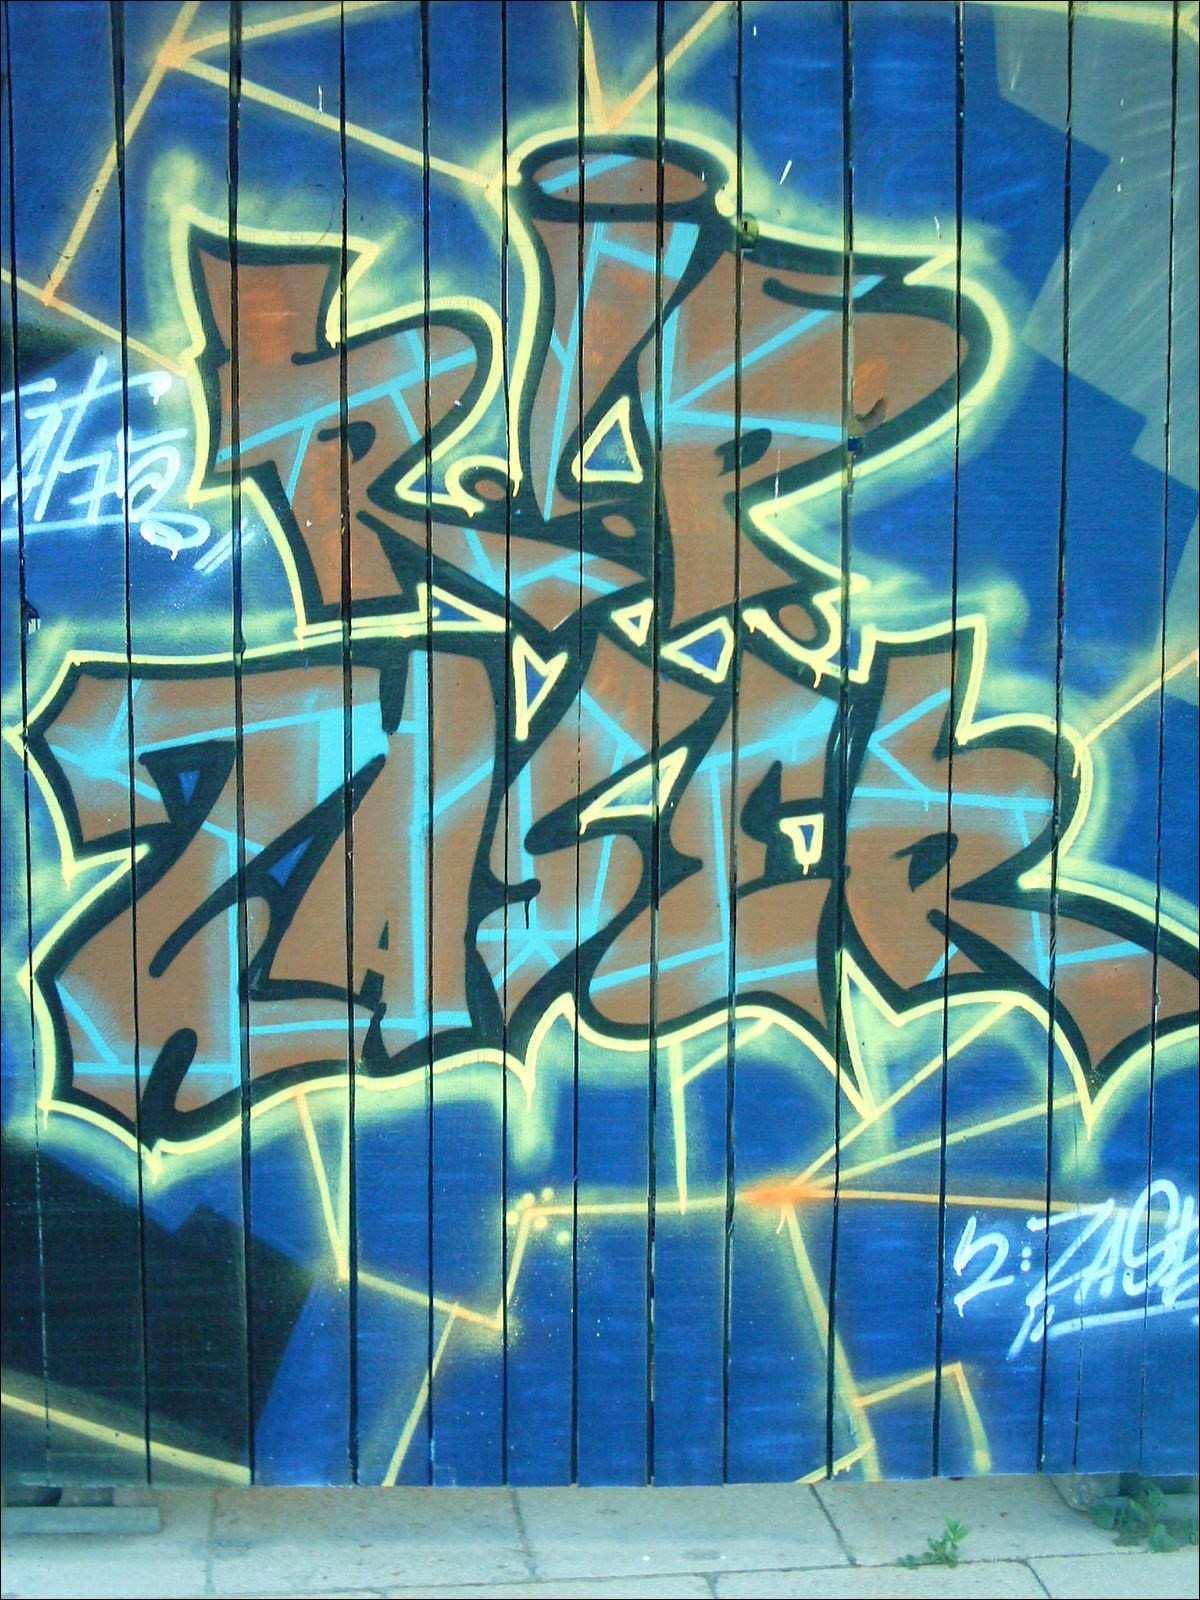 Graffiti Bilder Zum Ausmalen Inspirierend Graffiti Bilder Zum Ausdrucken Und Ausmalen Foto 40 Graffiti Bild